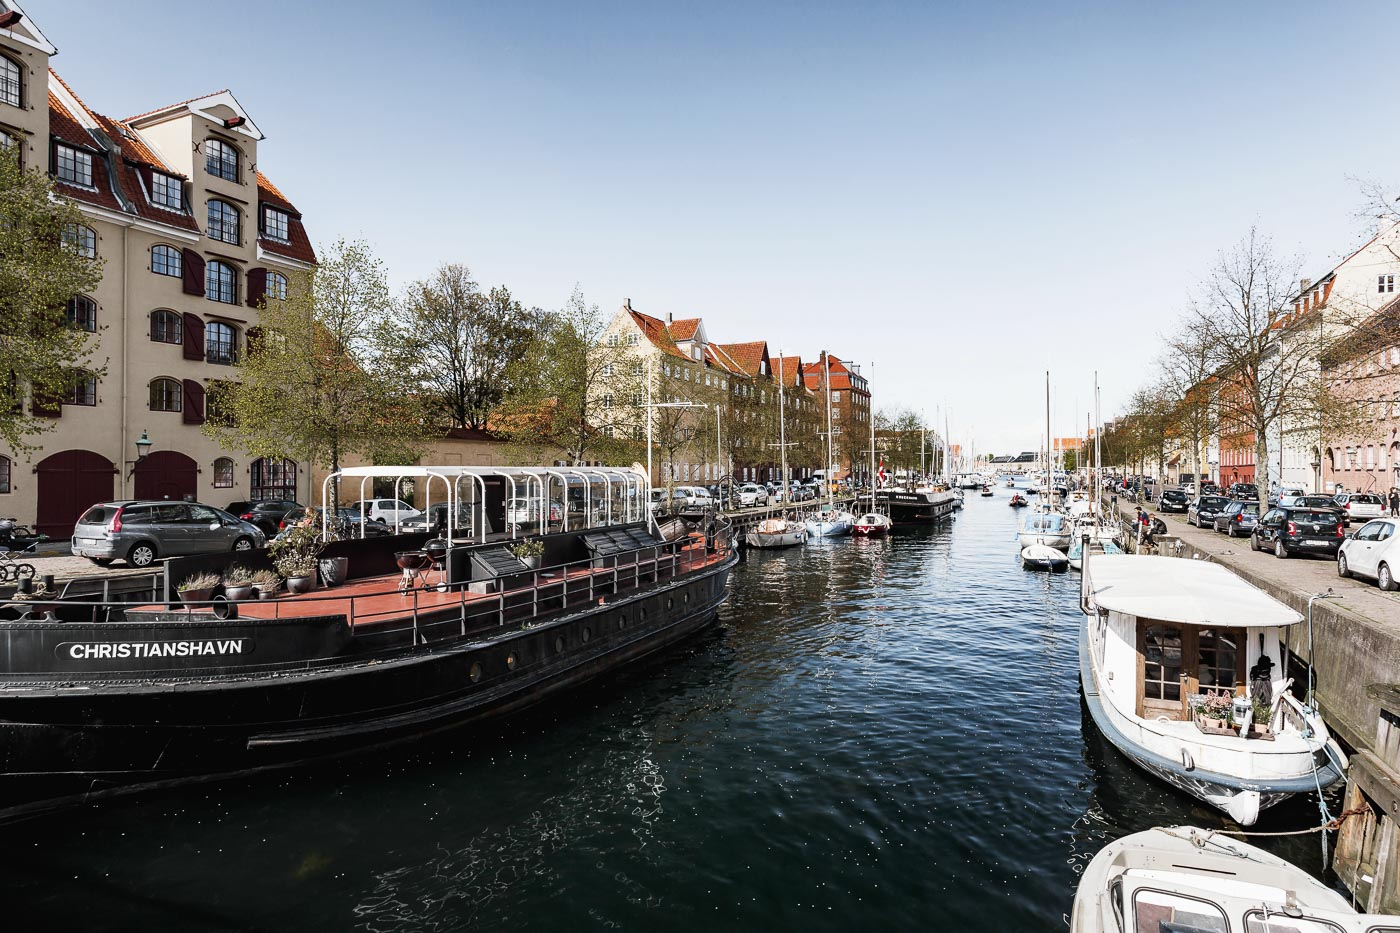 Kopenhagen Christianshavn